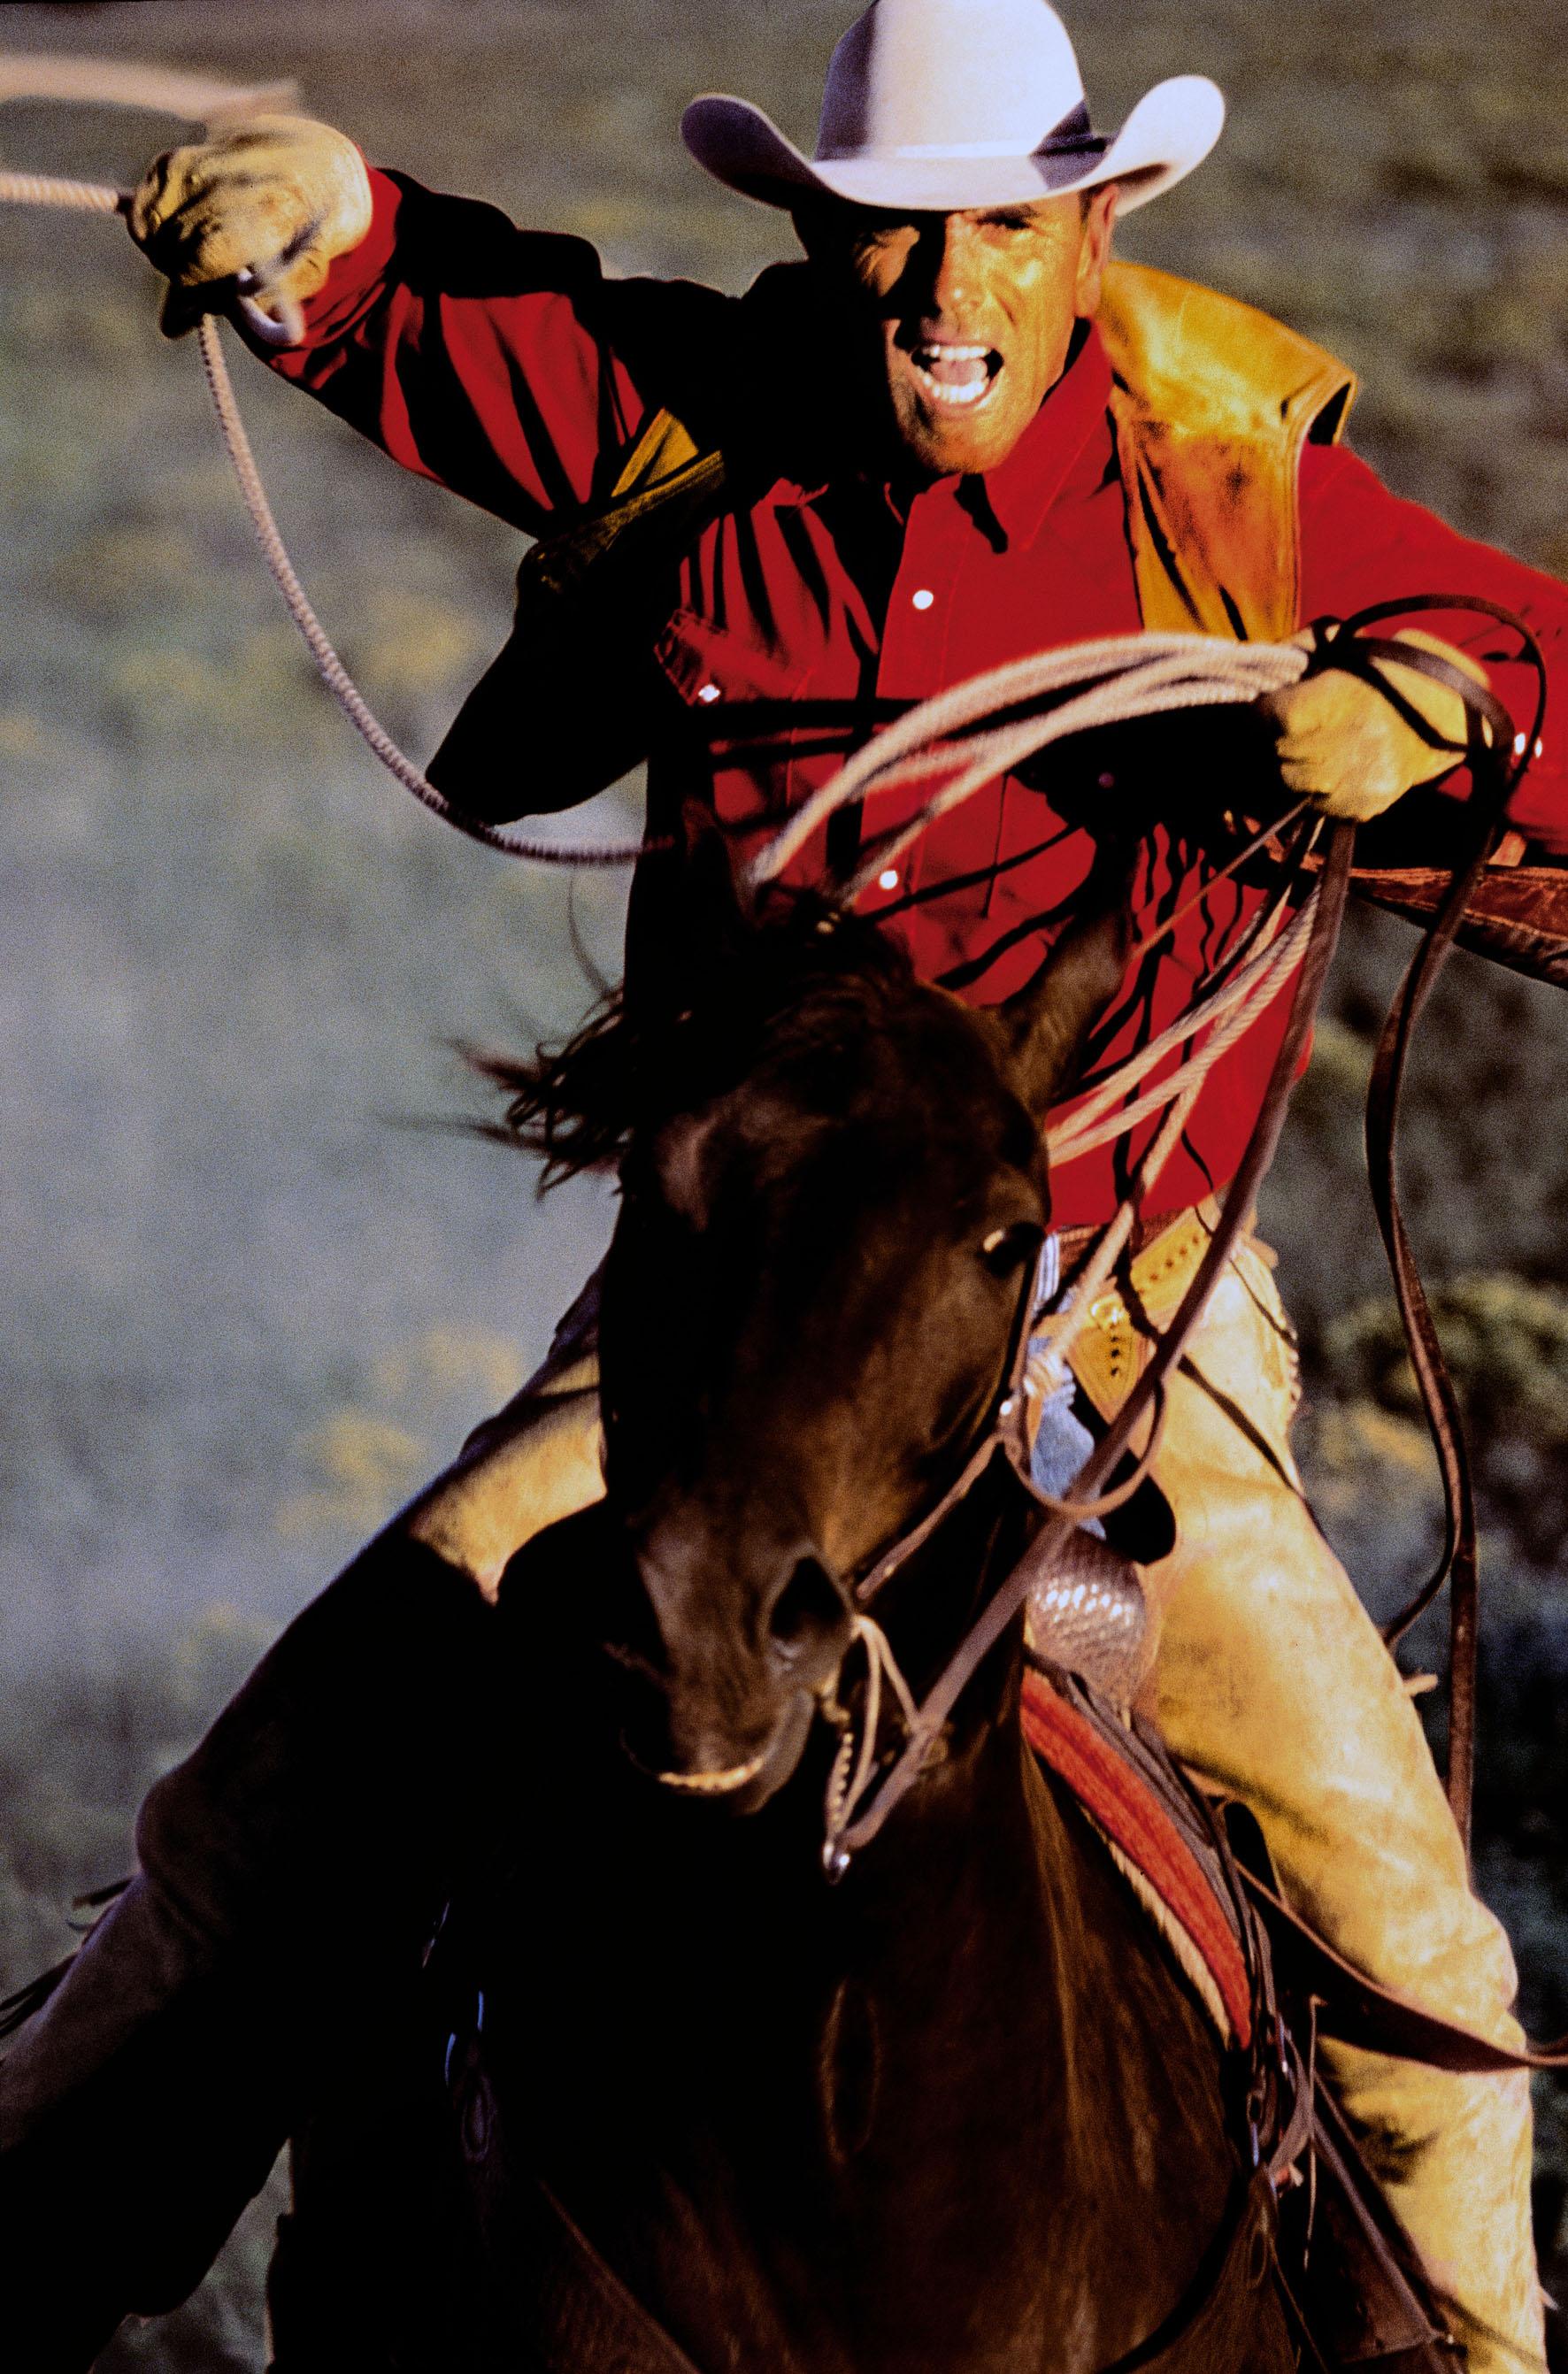 DieterBlum_WildX -2003 NewMexico